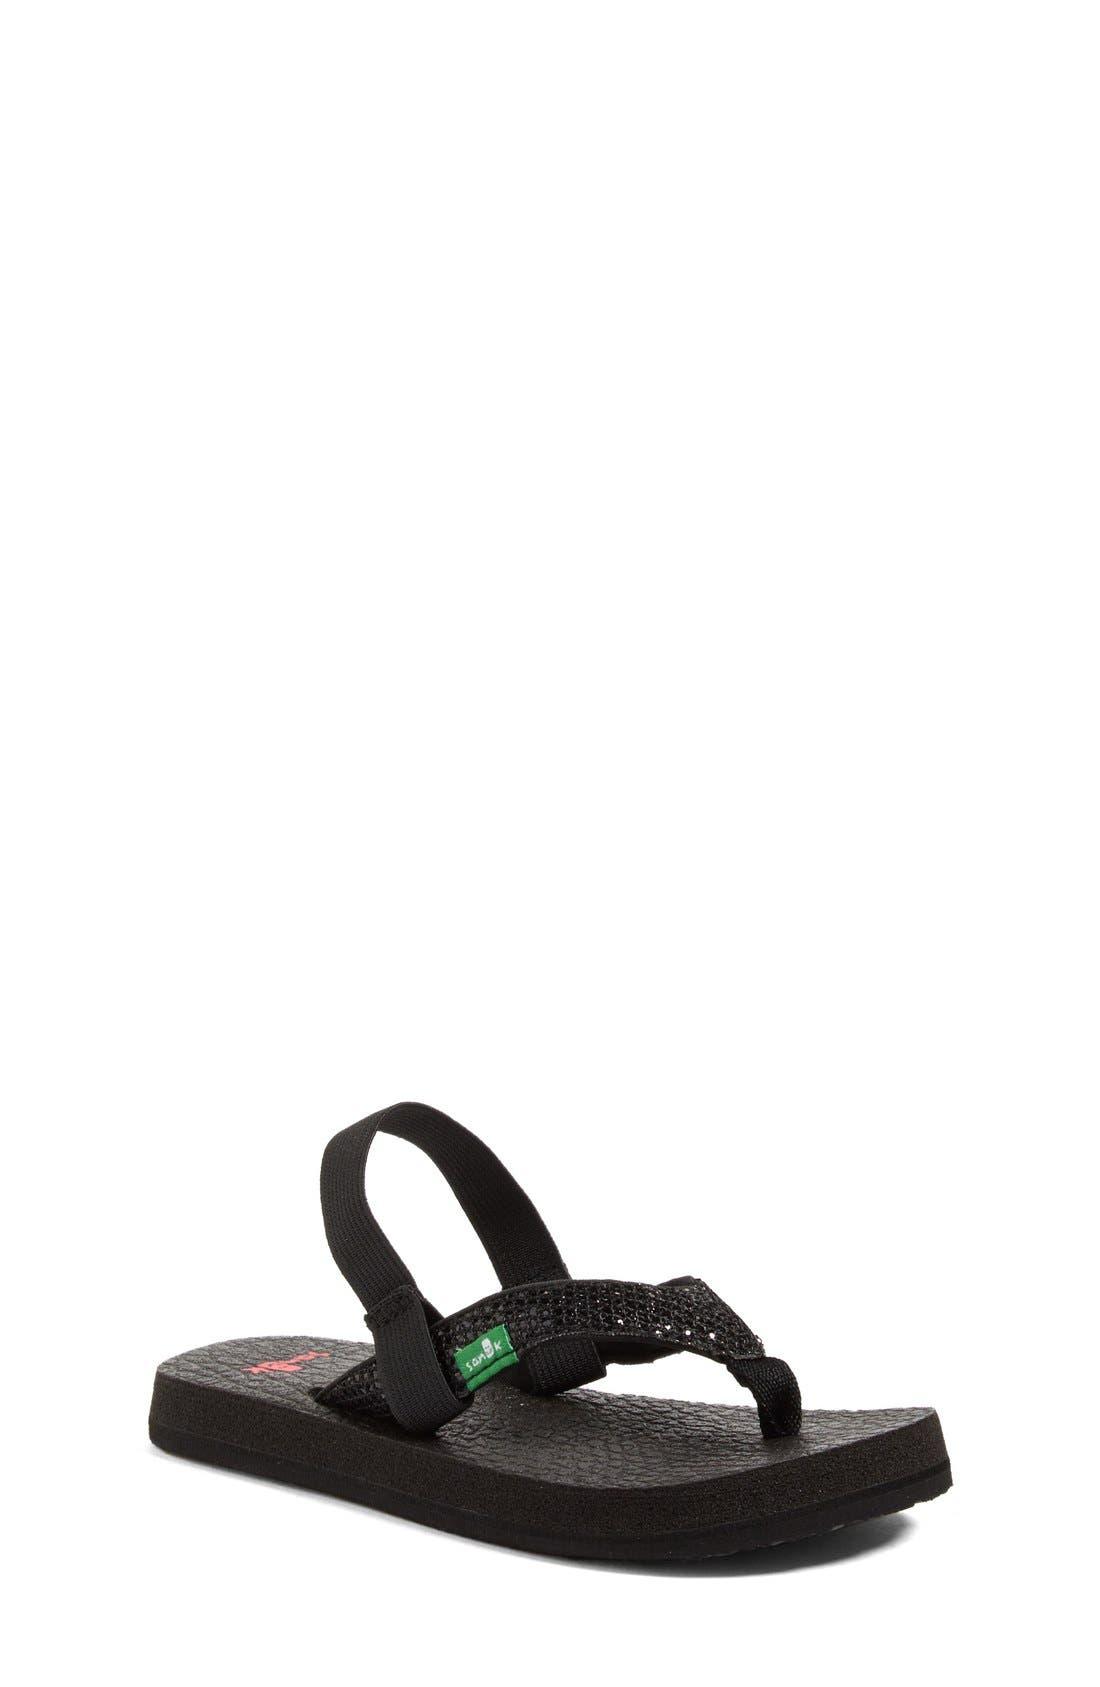 Alternate Image 1 Selected - Sanuk 'Yoga' Glitter Sandal (Toddler, Little Kid & Big Kid)